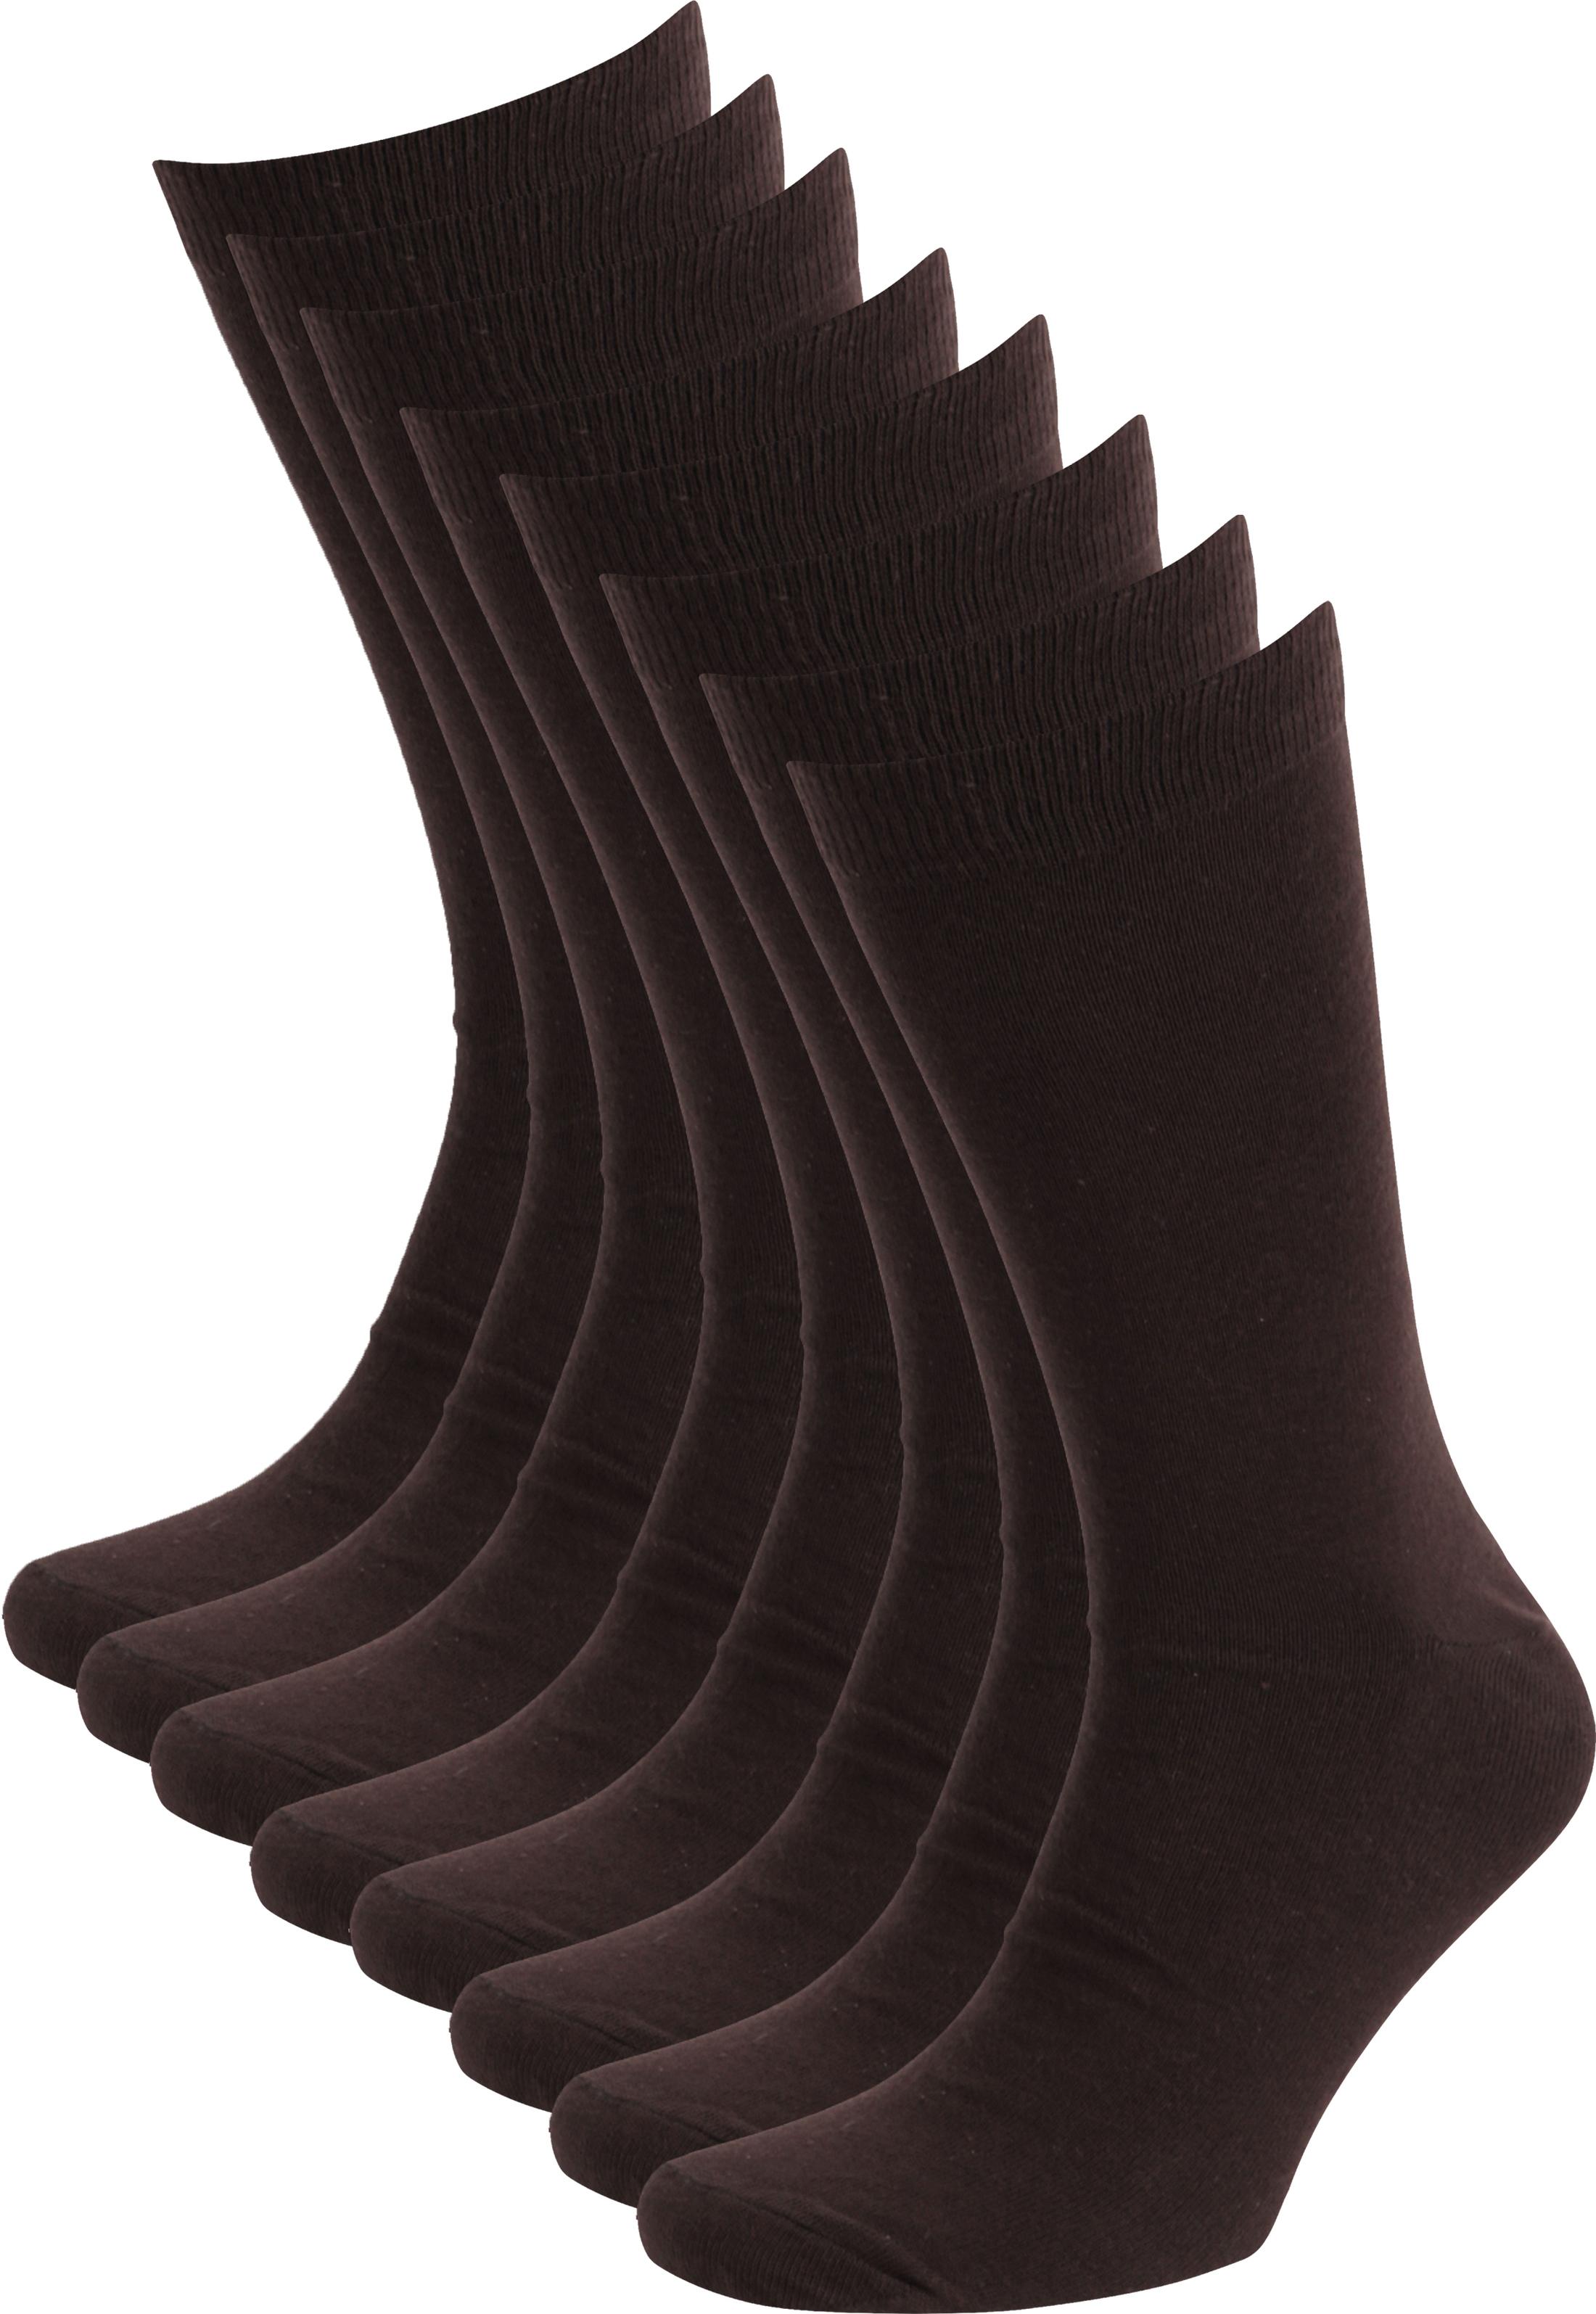 Suitable Socken Braun 8-Pack foto 0